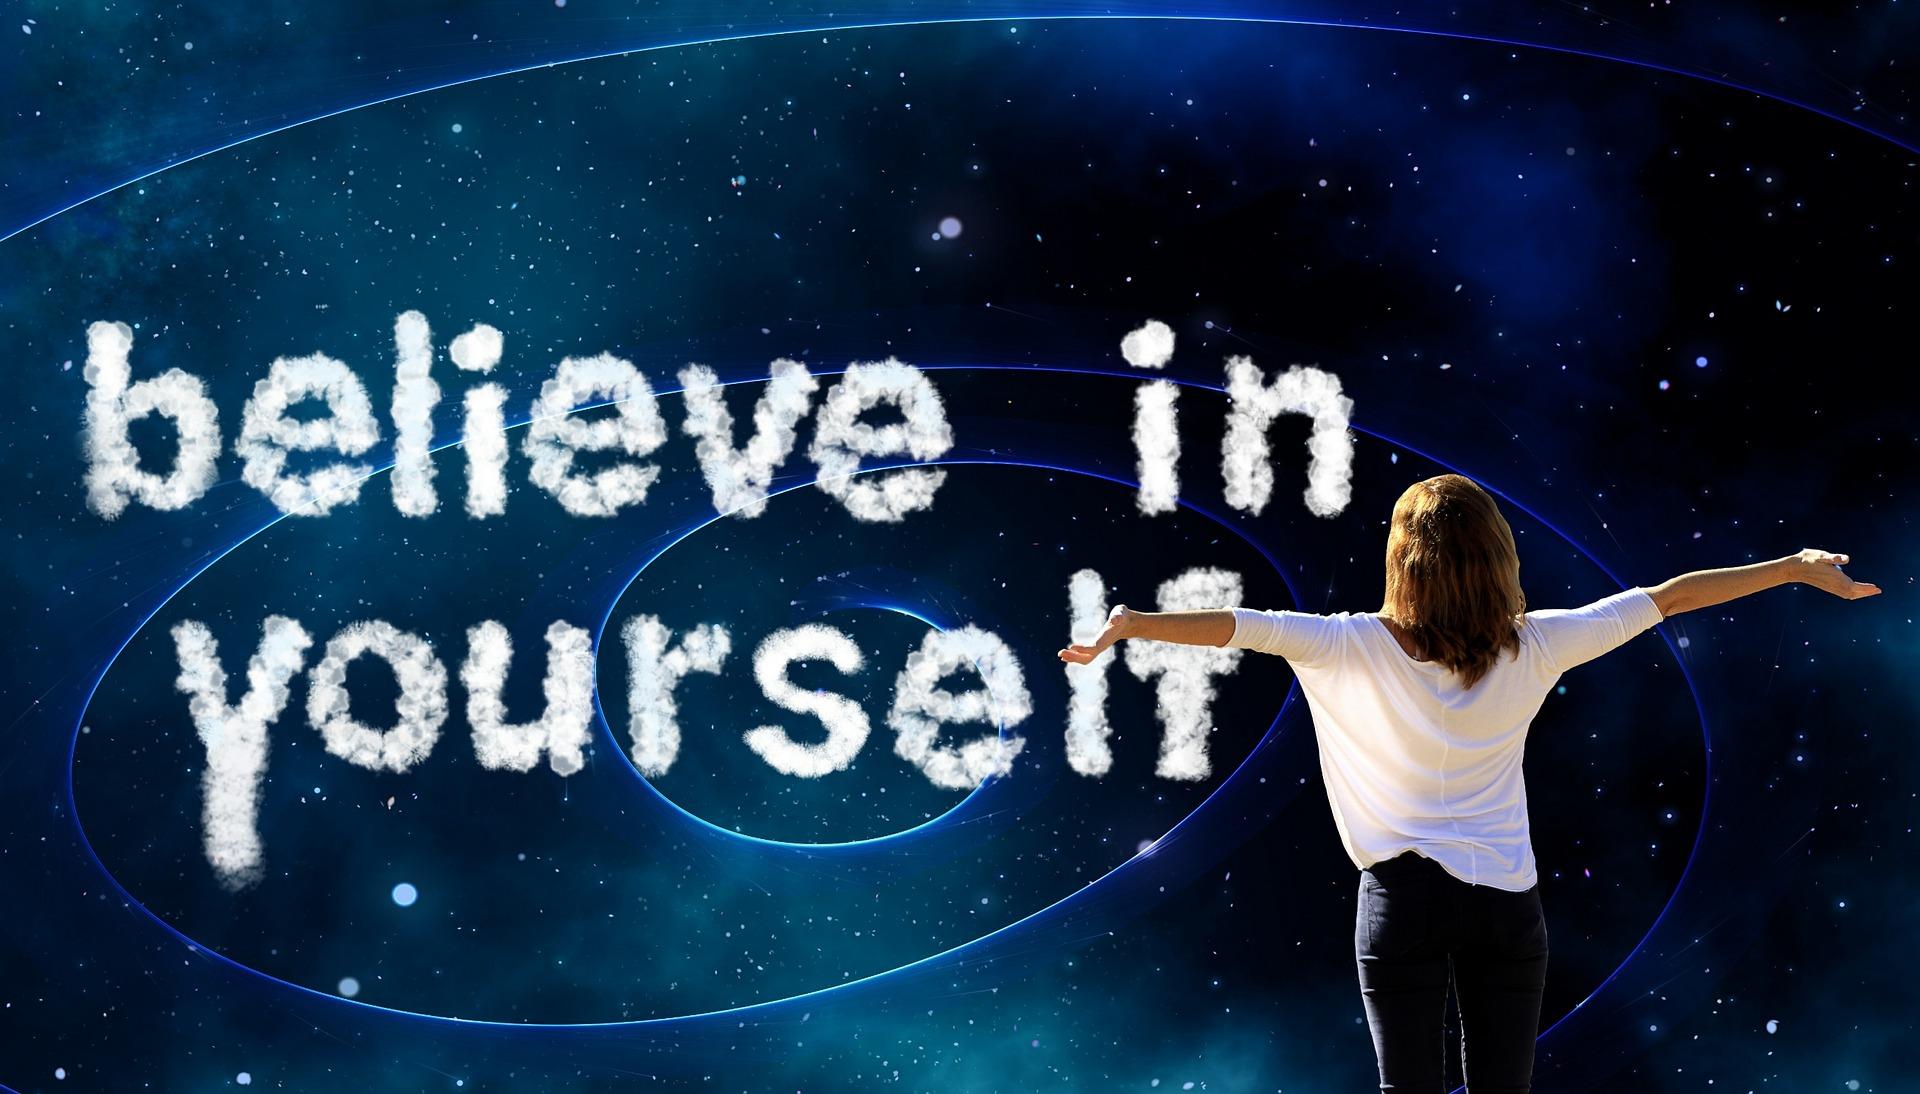 Selbstbewusstsein - ein beliebter Test zur Standortbestimmung